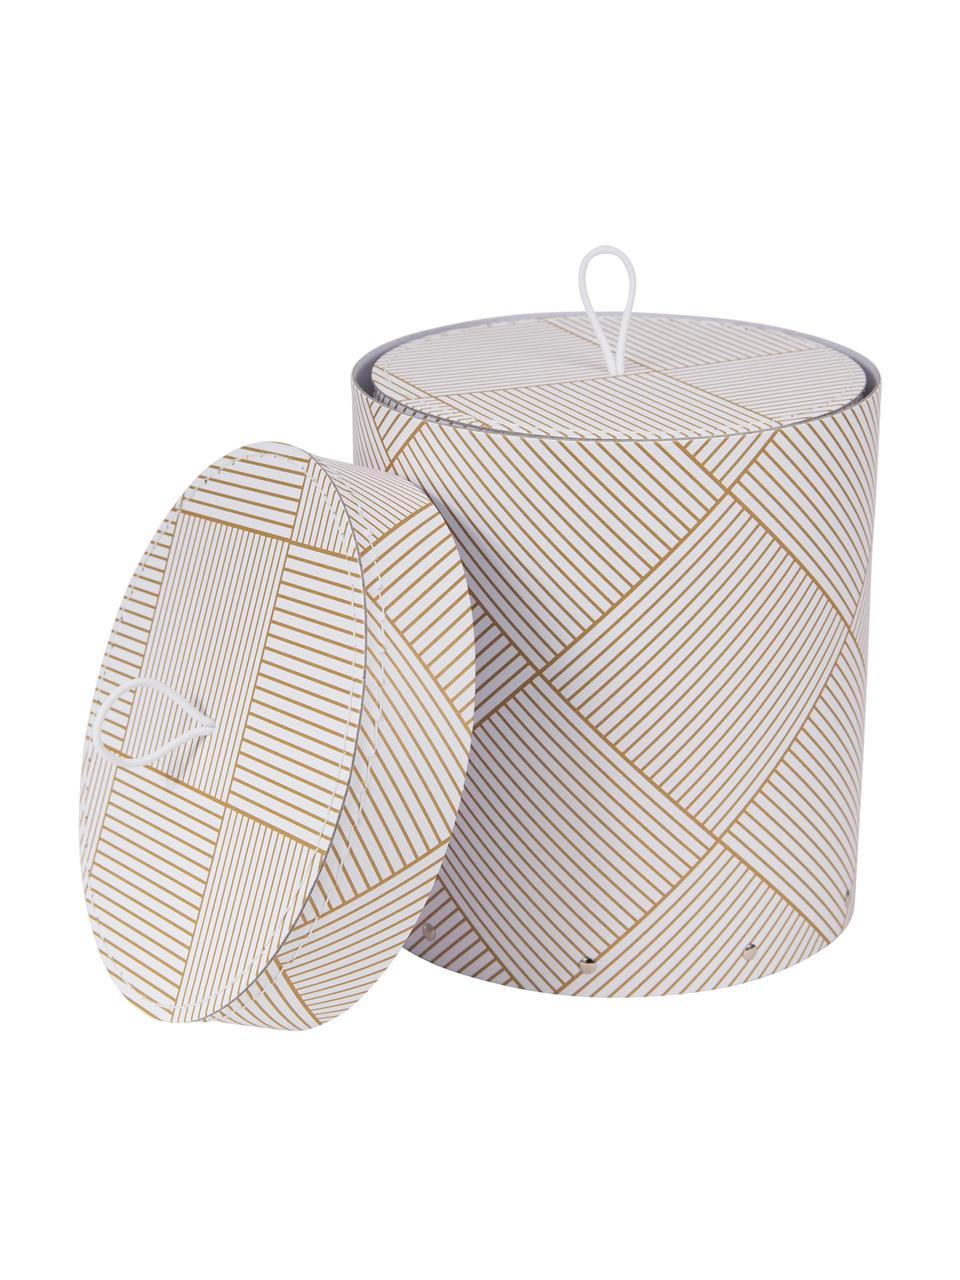 Set 2 scatole con coperchio Hanna, Scatola: solido, cartone laminato, Maniglia: gomma, Dorato, bianco, Set in varie misure